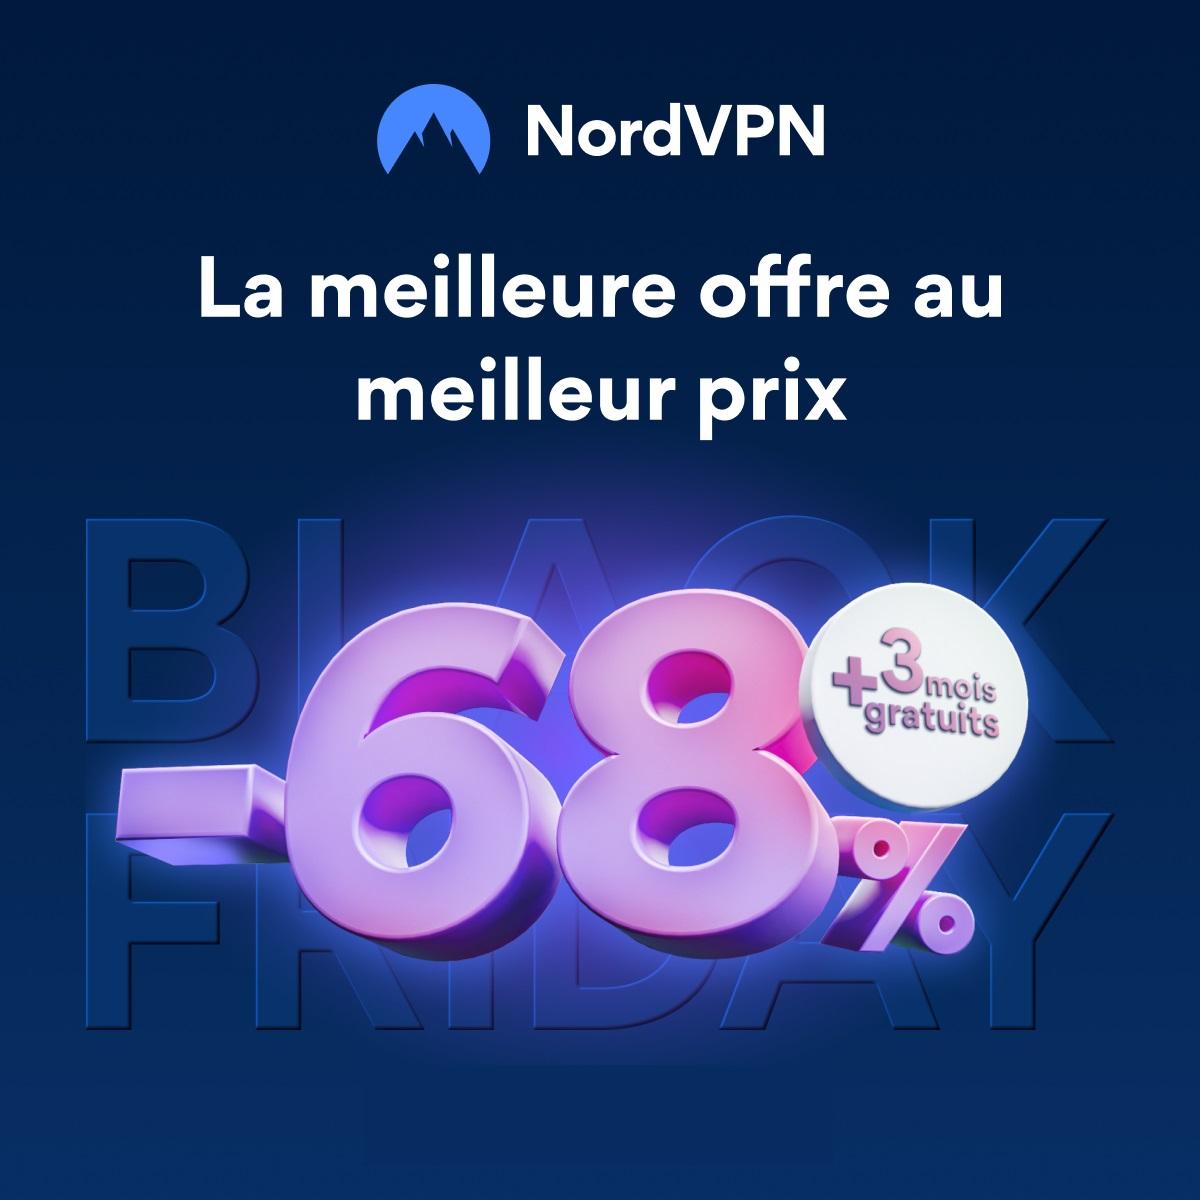 L'abonnement NordVPN passe à seulement 2,8 euros/mois pour le Black Friday